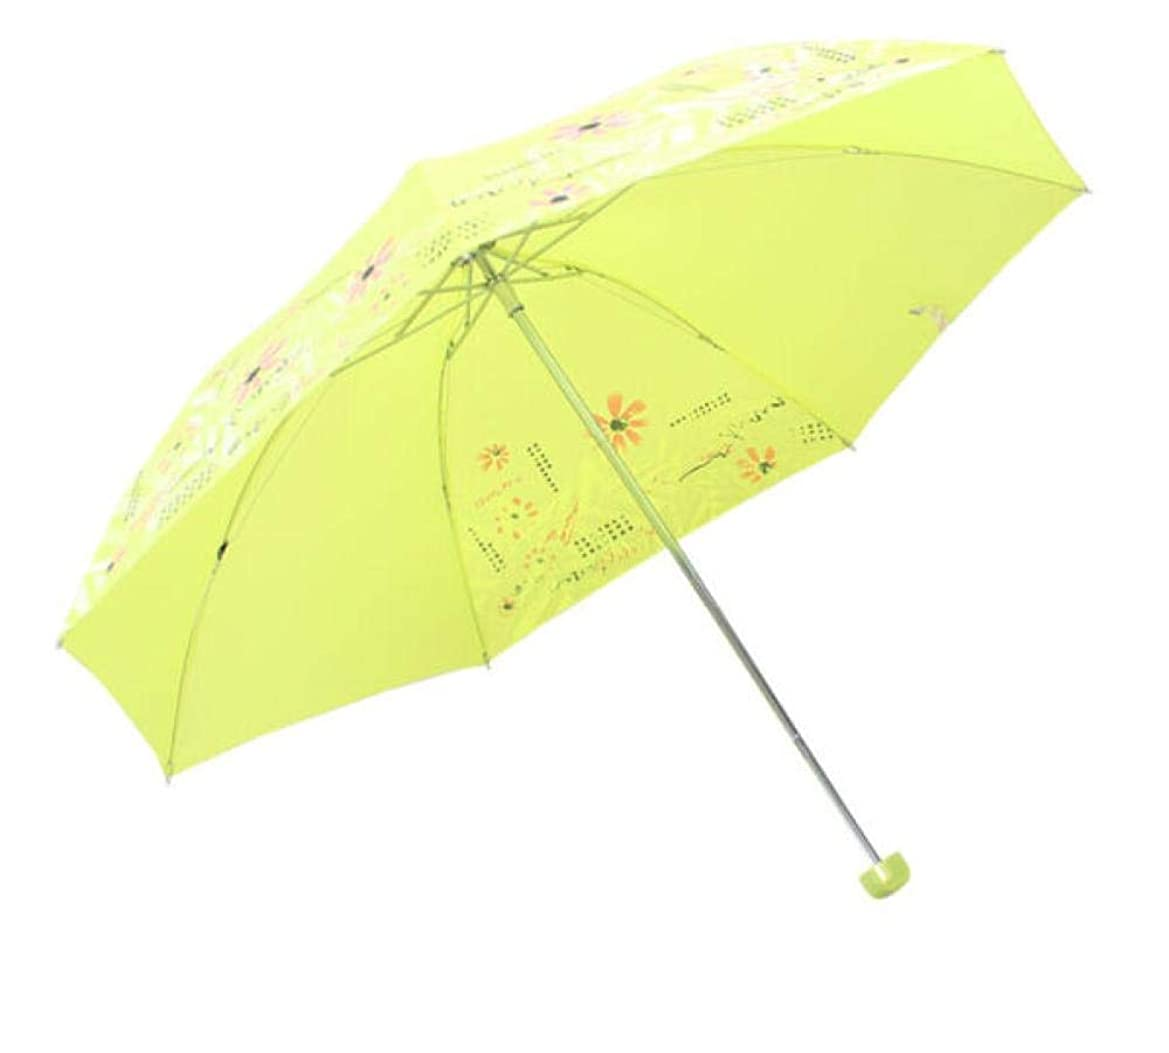 宇宙の事前機関傘日傘停電スコットランド風格子3つ折りスチール傘晴れた傘シルクスクリーン黄緑